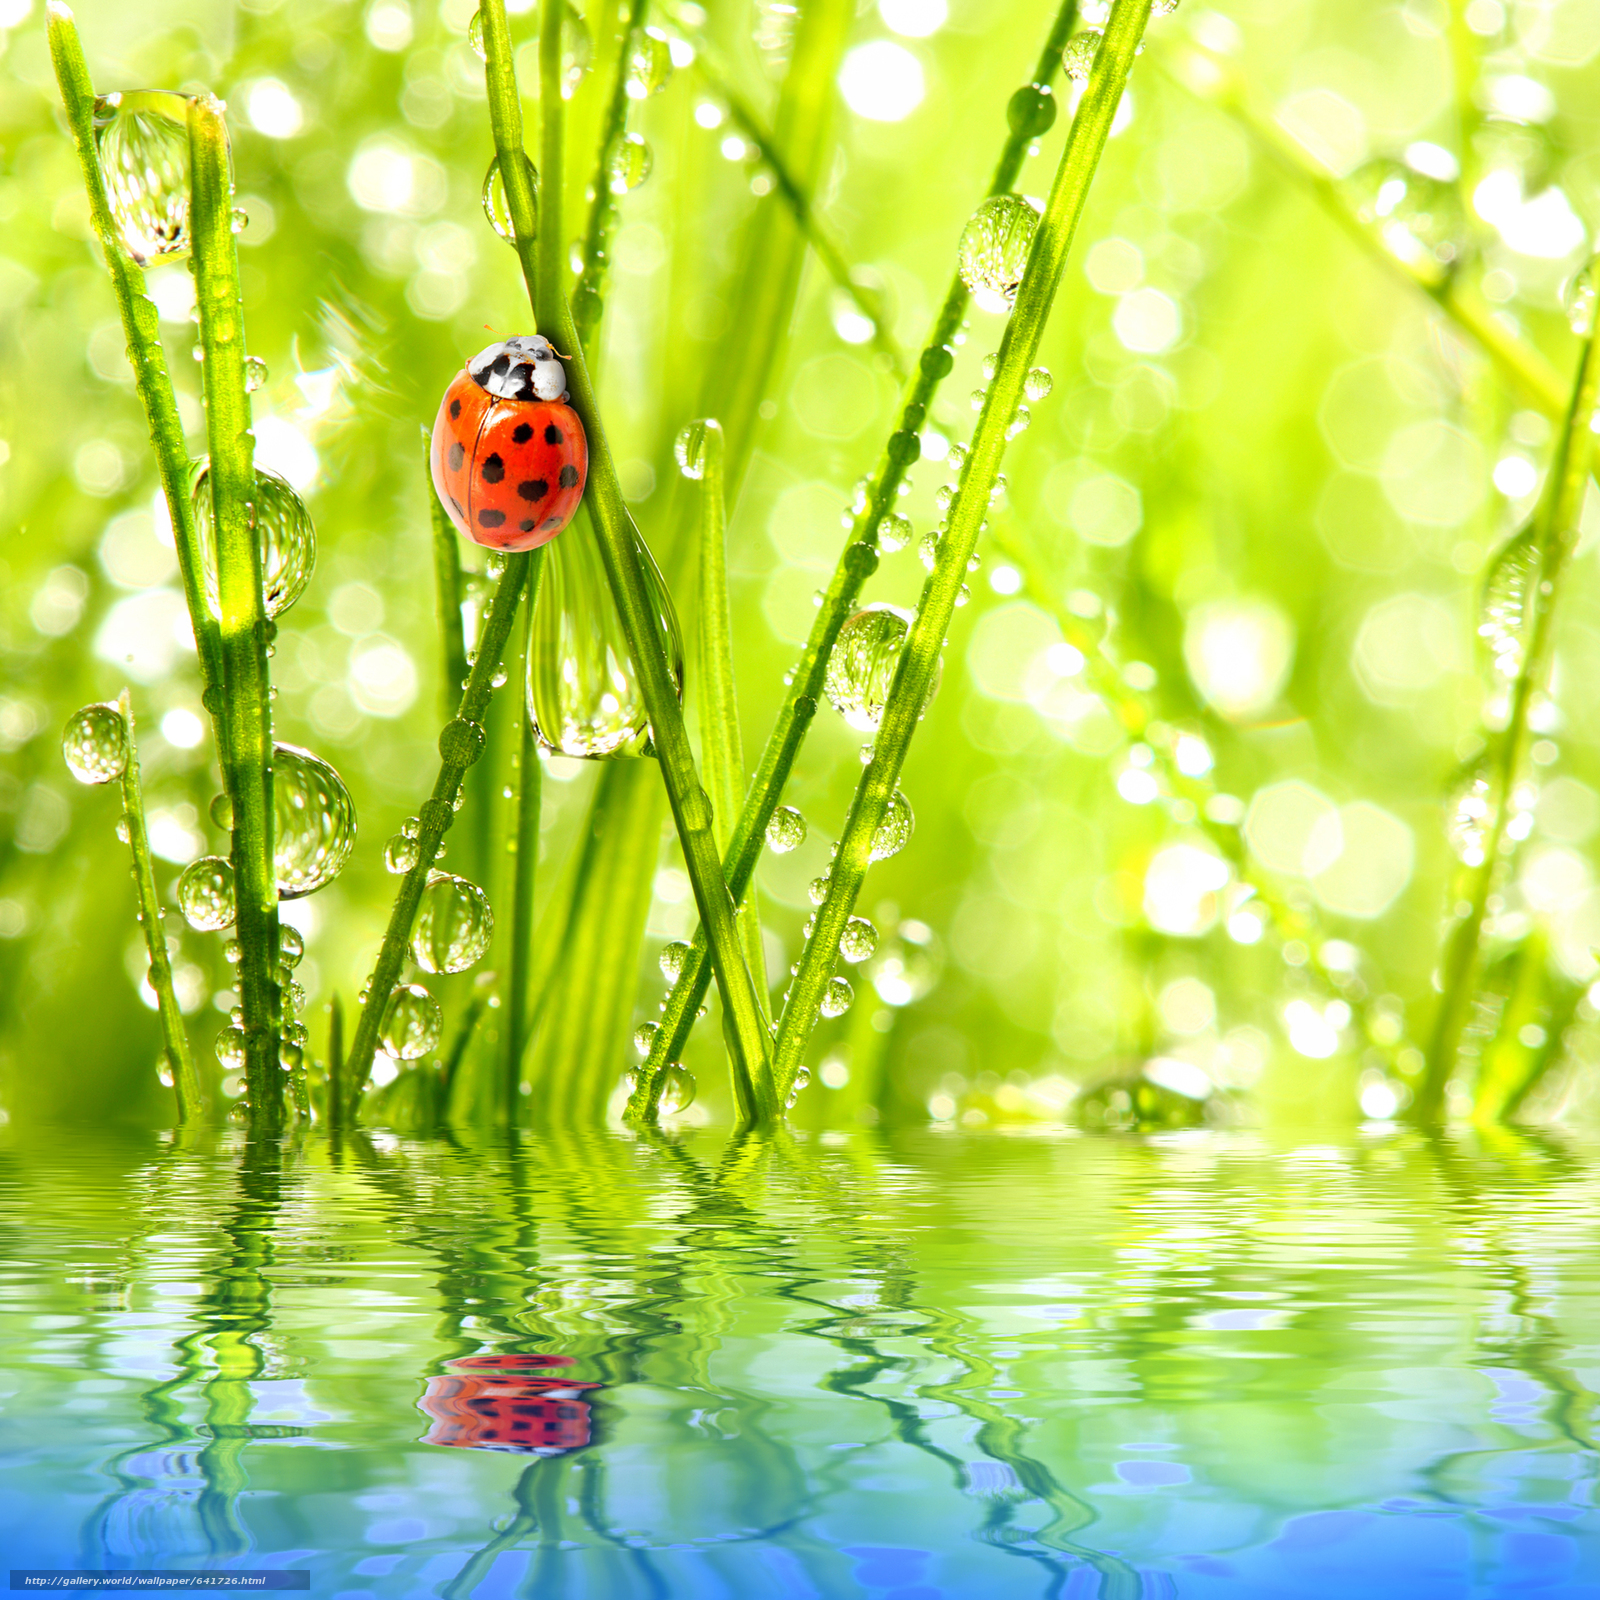 Скачать обои божьи коровки в раю,  свет,  солнце,  свежий воздух бесплатно для рабочего стола в разрешении 4120x4120 — картинка №641726